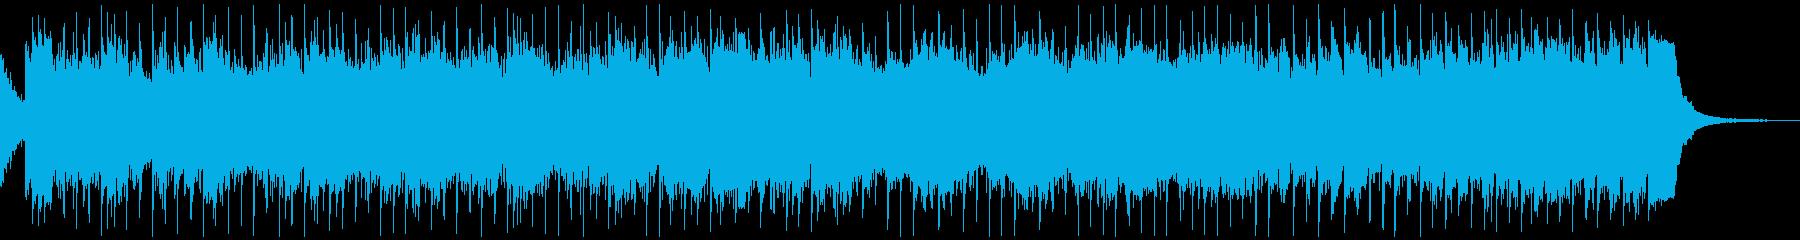 不穏な雰囲気のBGMの再生済みの波形